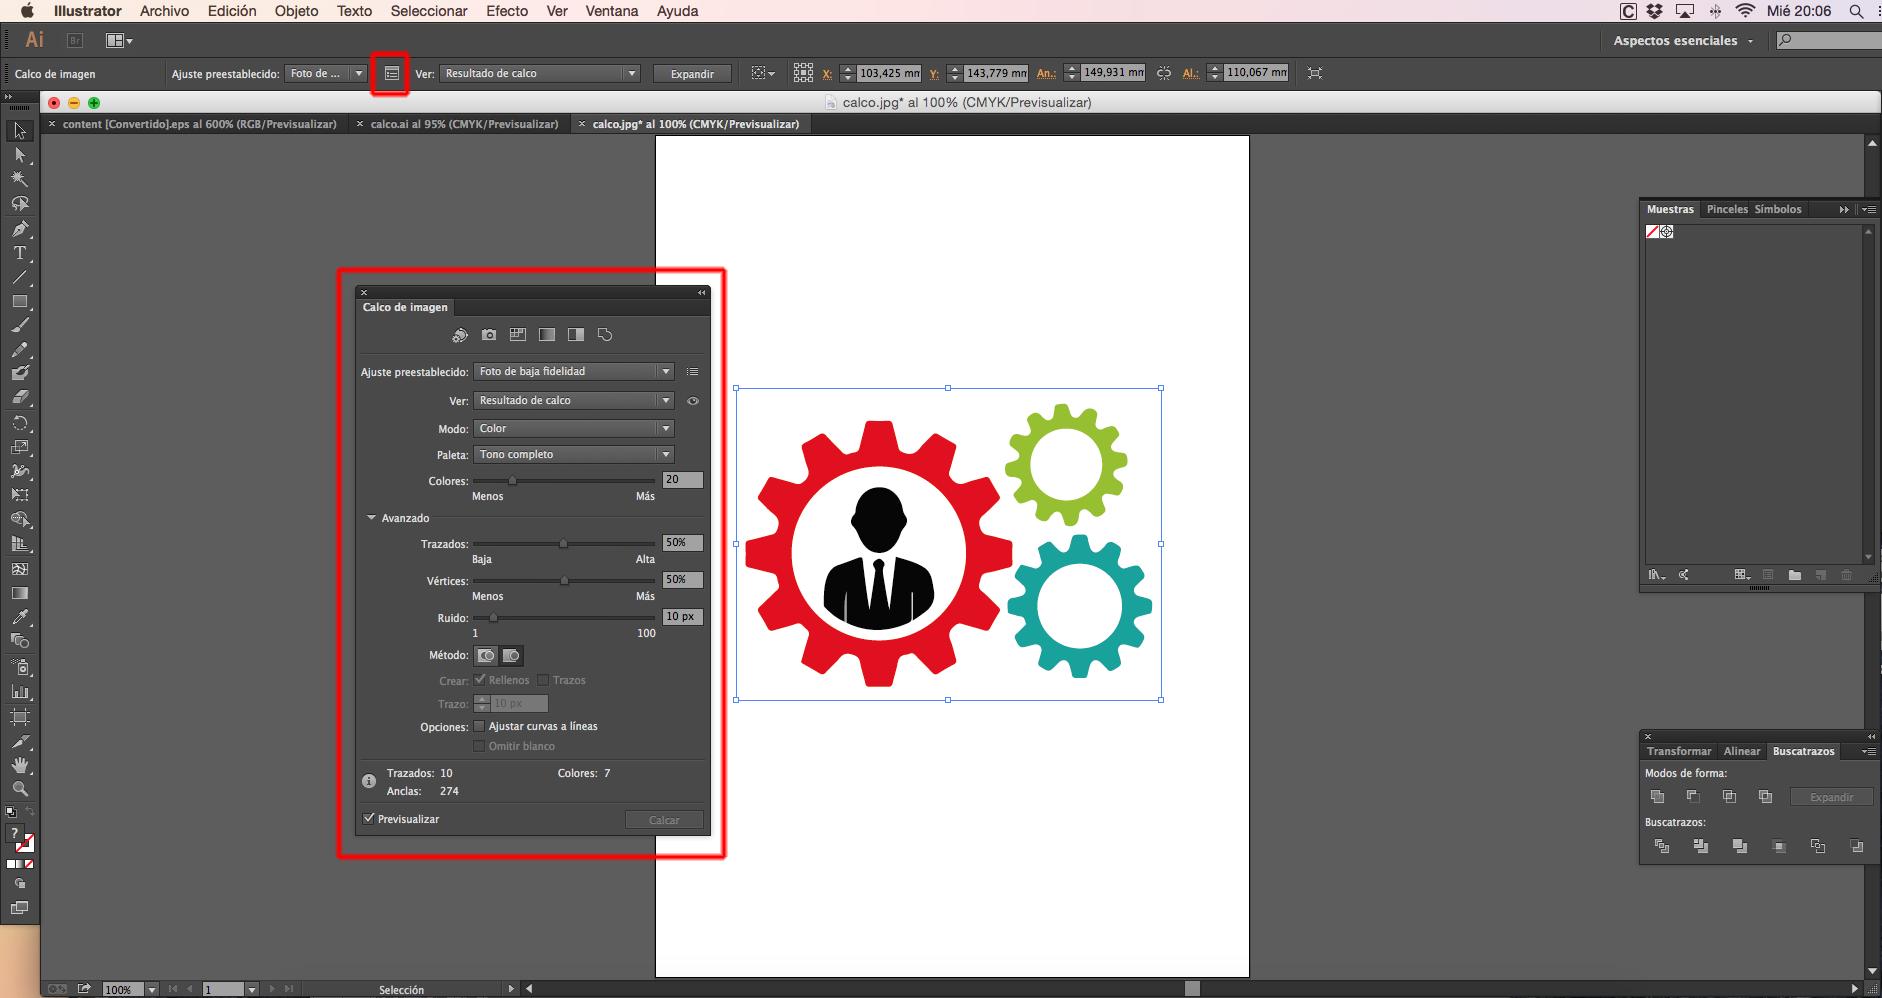 Calco Interactivo Illustrator: explicación paso por paso.